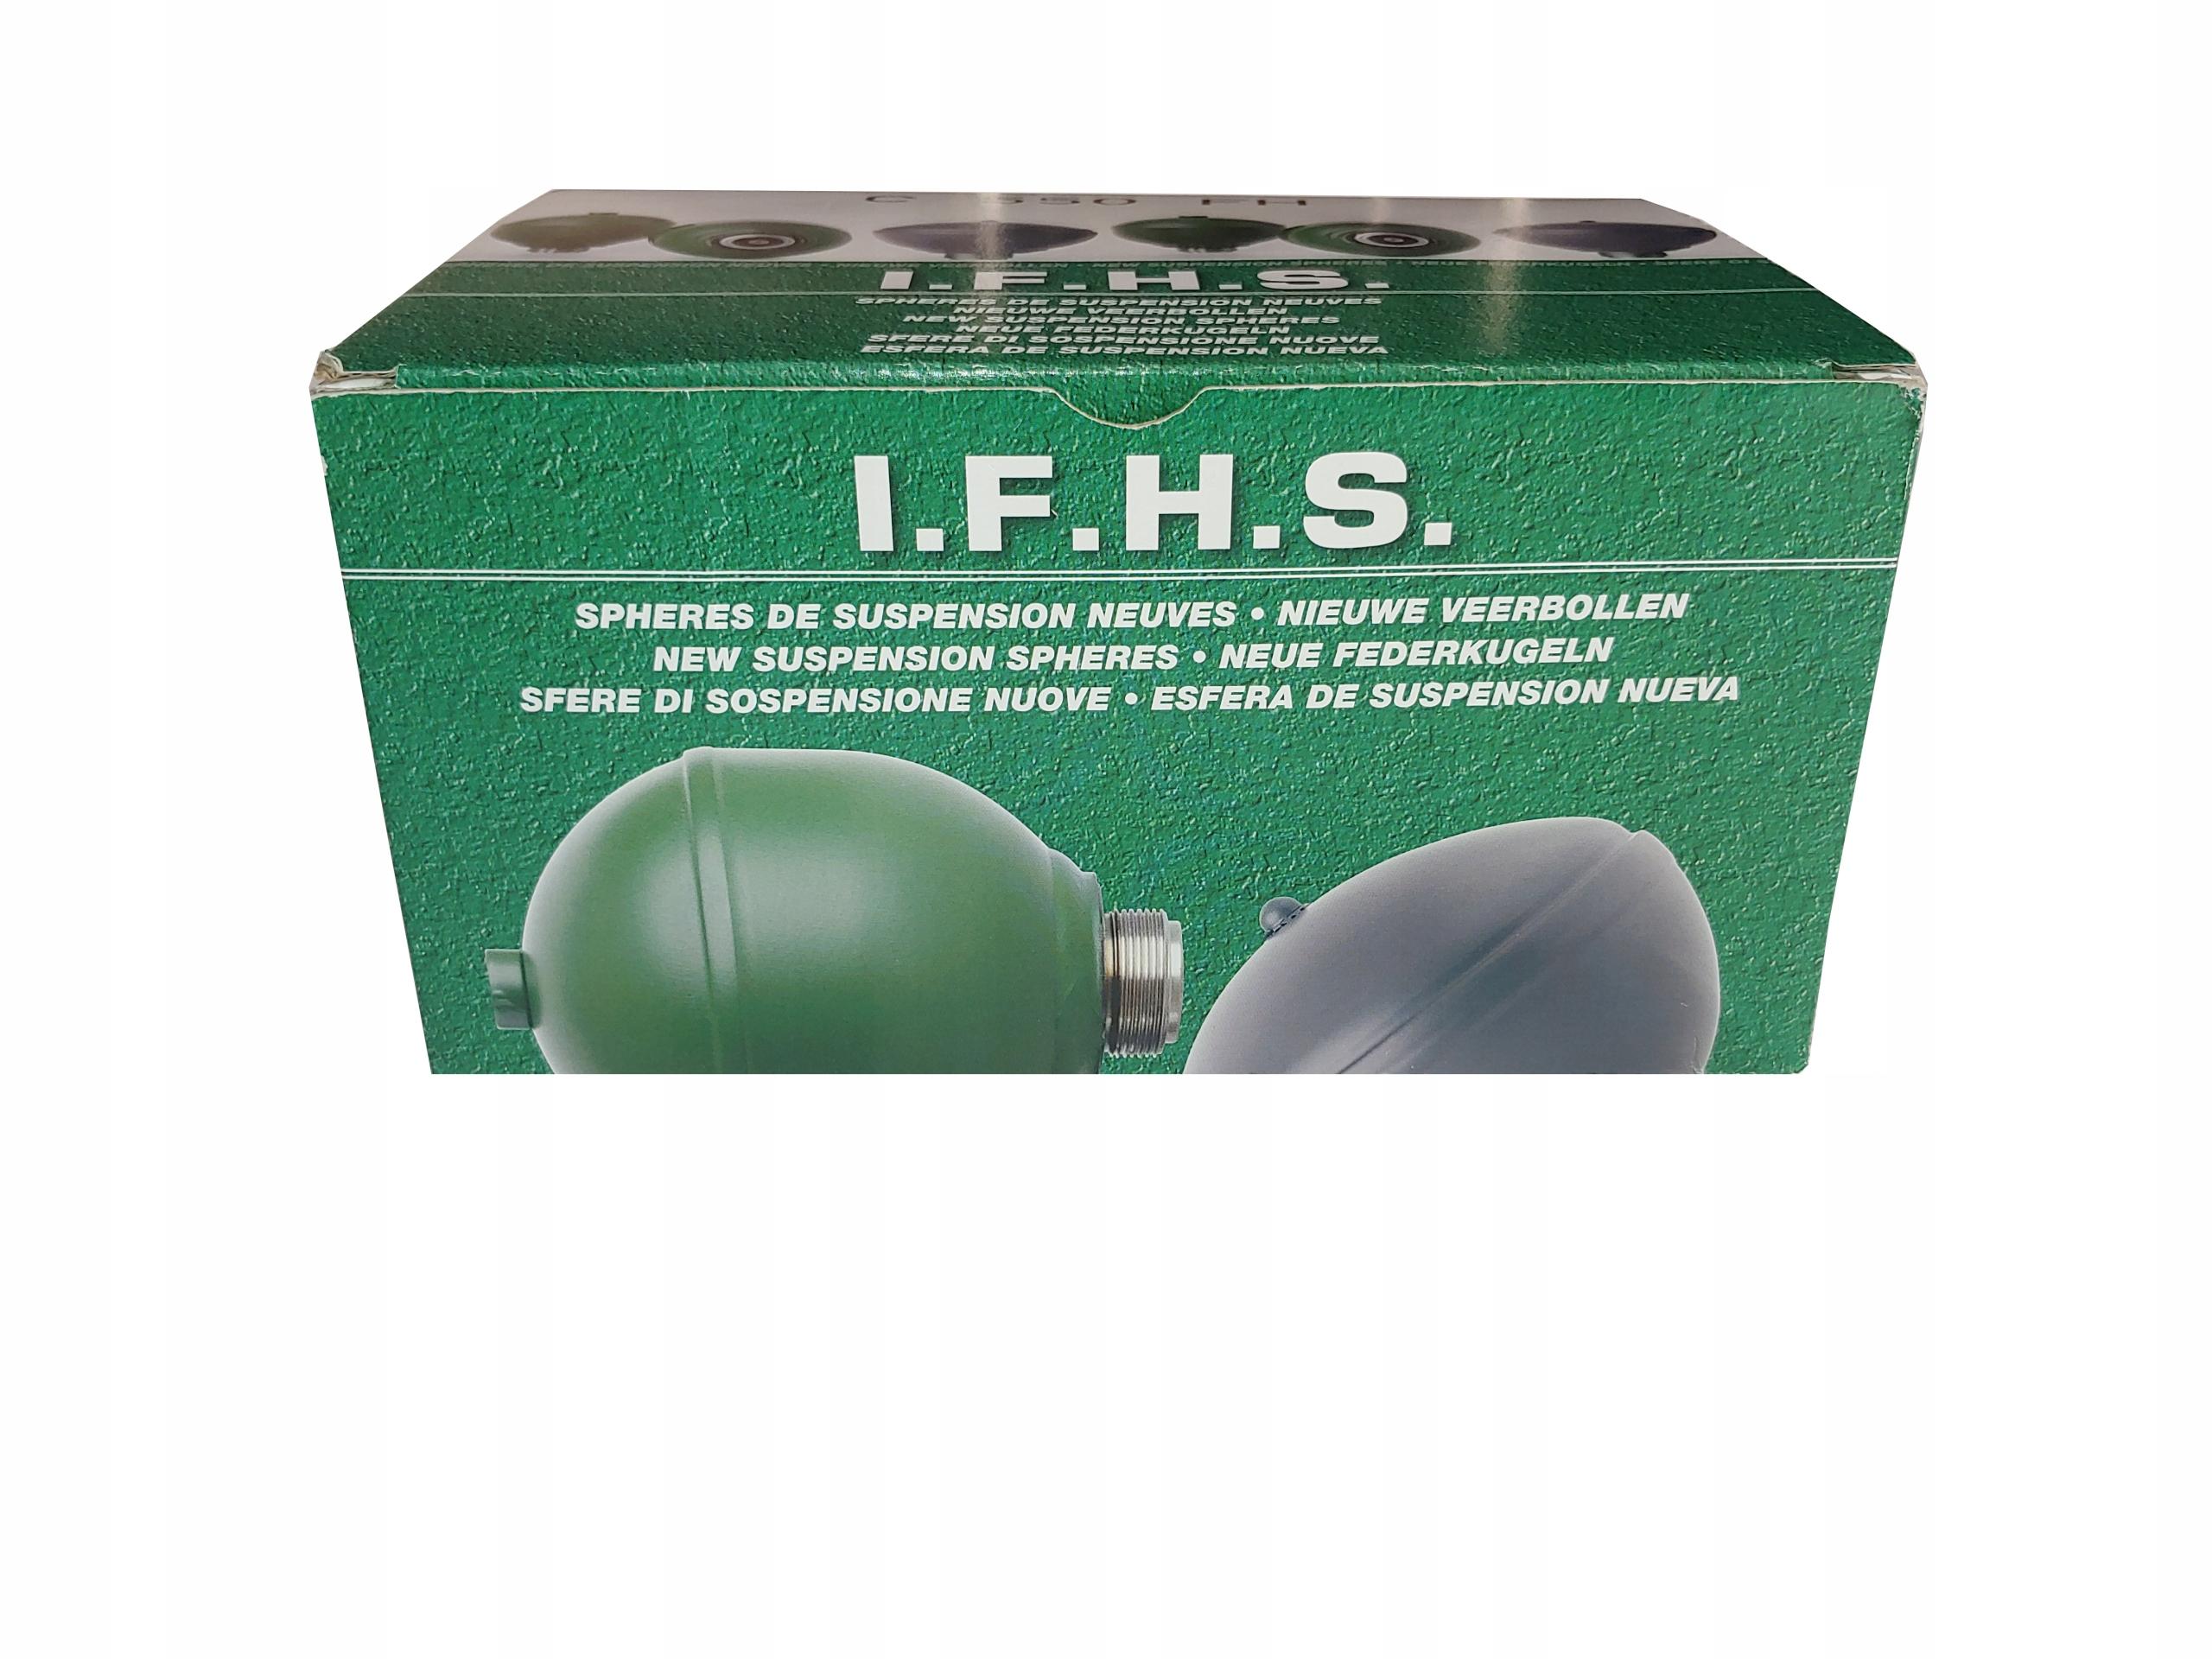 ifhs c550fh - сфера пуля citroen c5 iii вперед